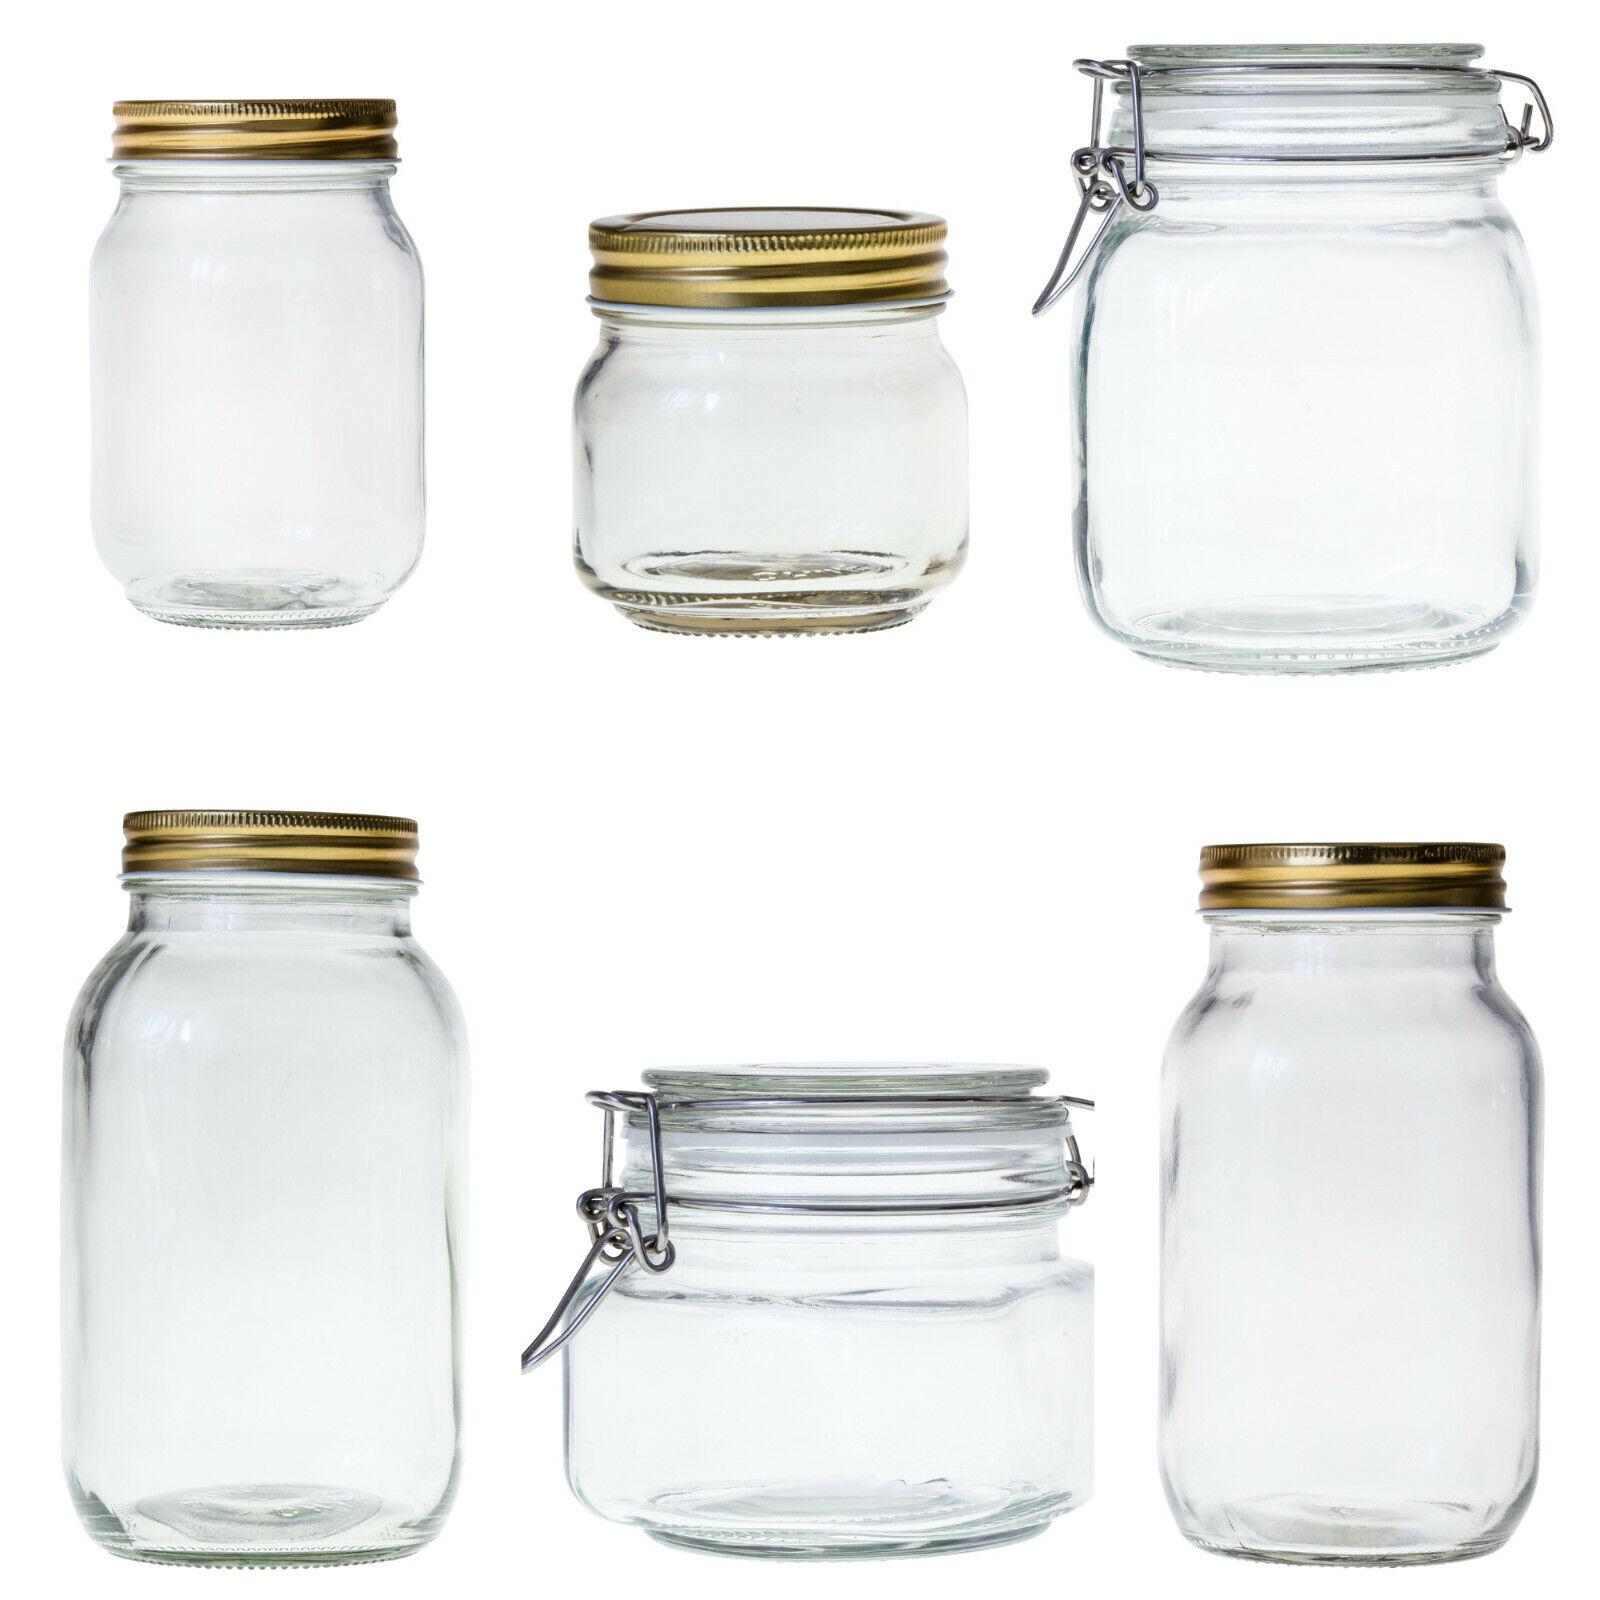 minify Einmachgläser Vorratsgläser Schraub- und Bügelverschluss Marmeladengläser